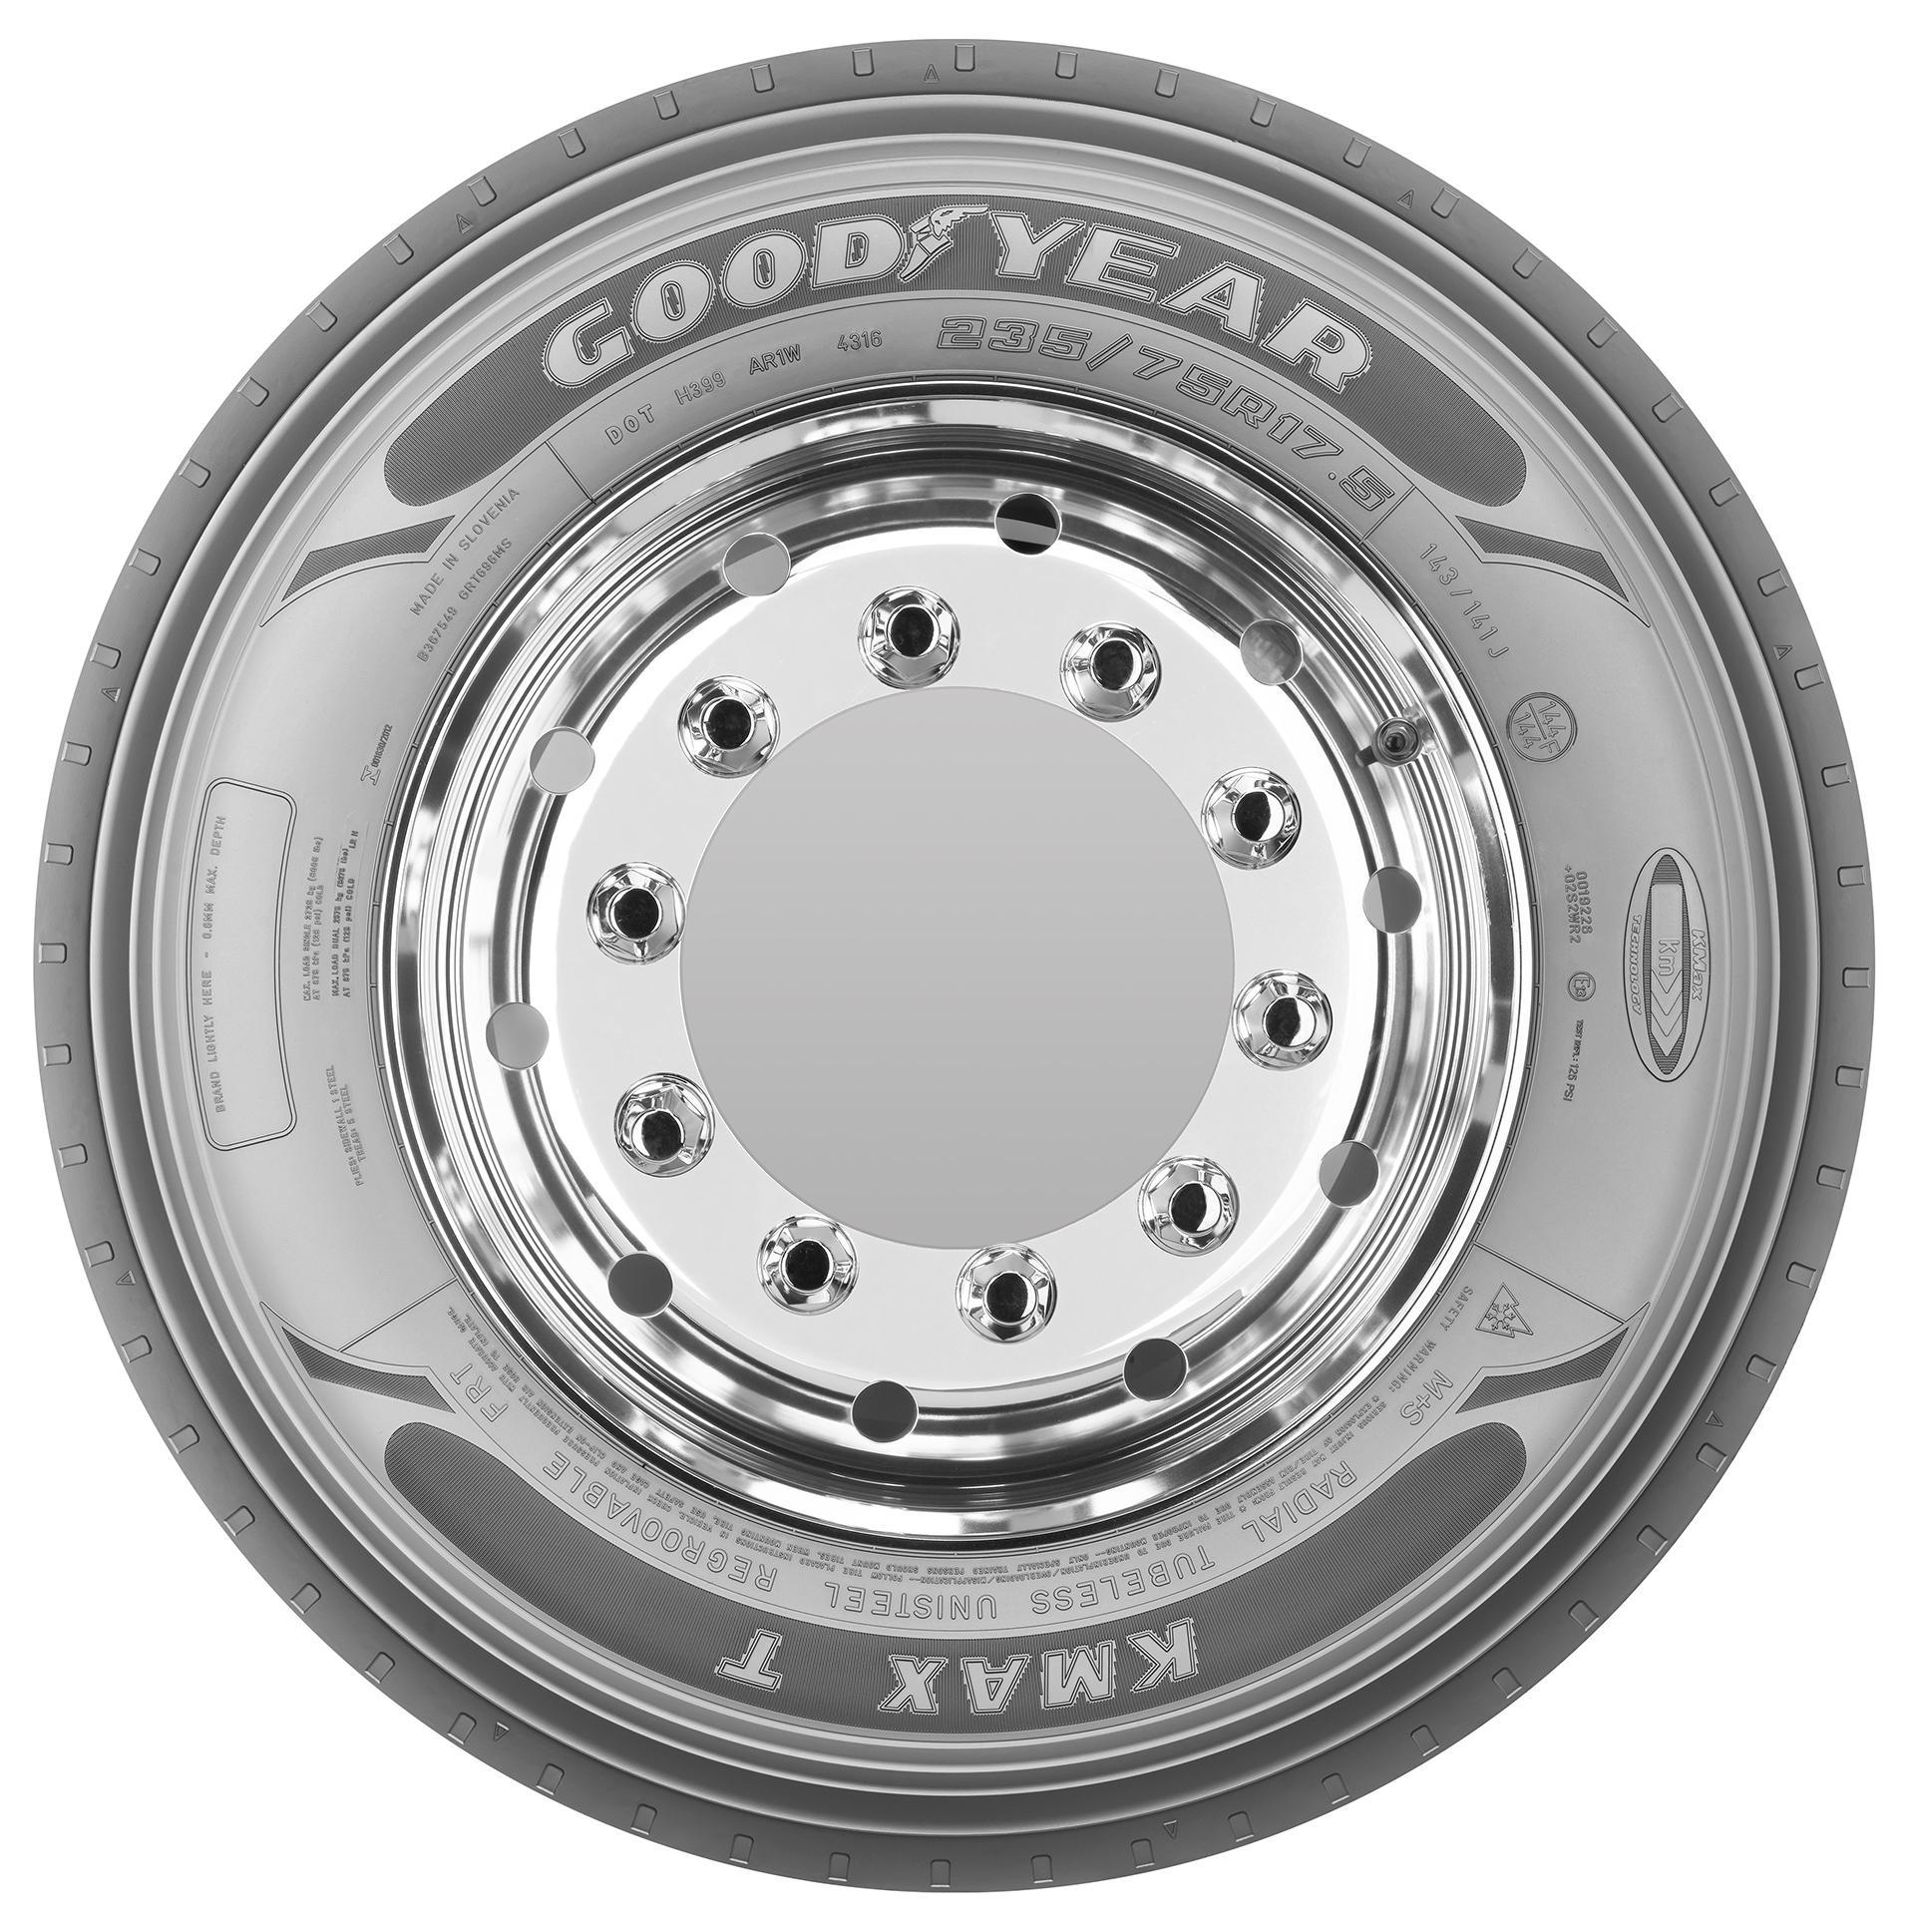 Goodyear разработала 17,5-дюймовые шины KMAX T для трейлеров с низкой рамой